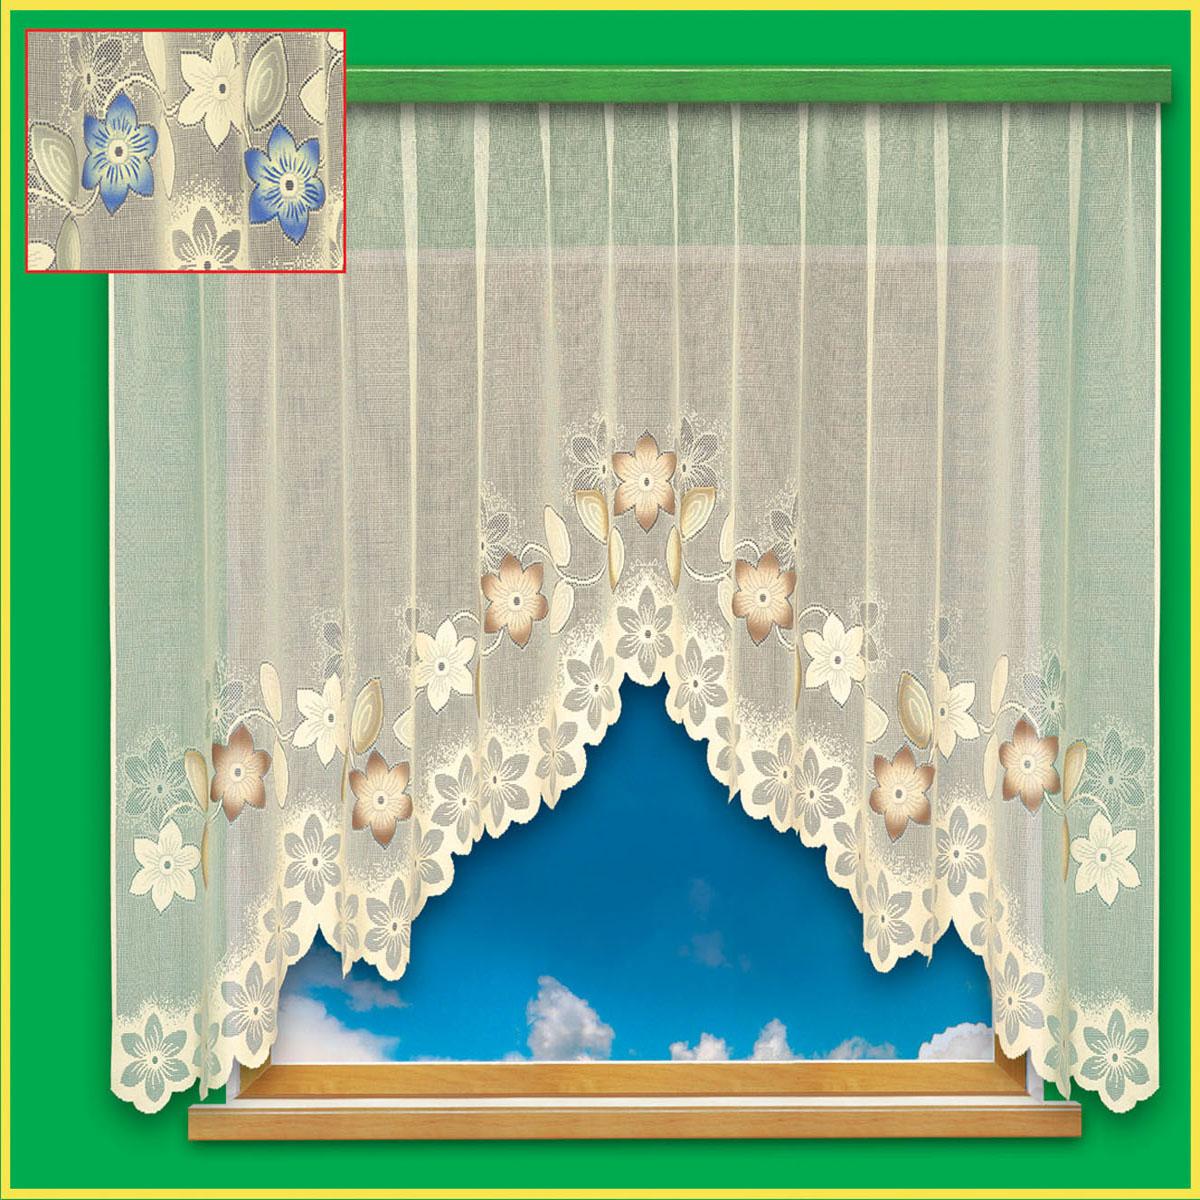 Гардина Haft, цвет: бежевый, ширина 300 см, высота 180 см28090/180 бежевыйКремовая гардина из жаккардовой ткани с бежевым рисунком цветов, высотой 180 смРазмеры: высота 180см * ширина 300см